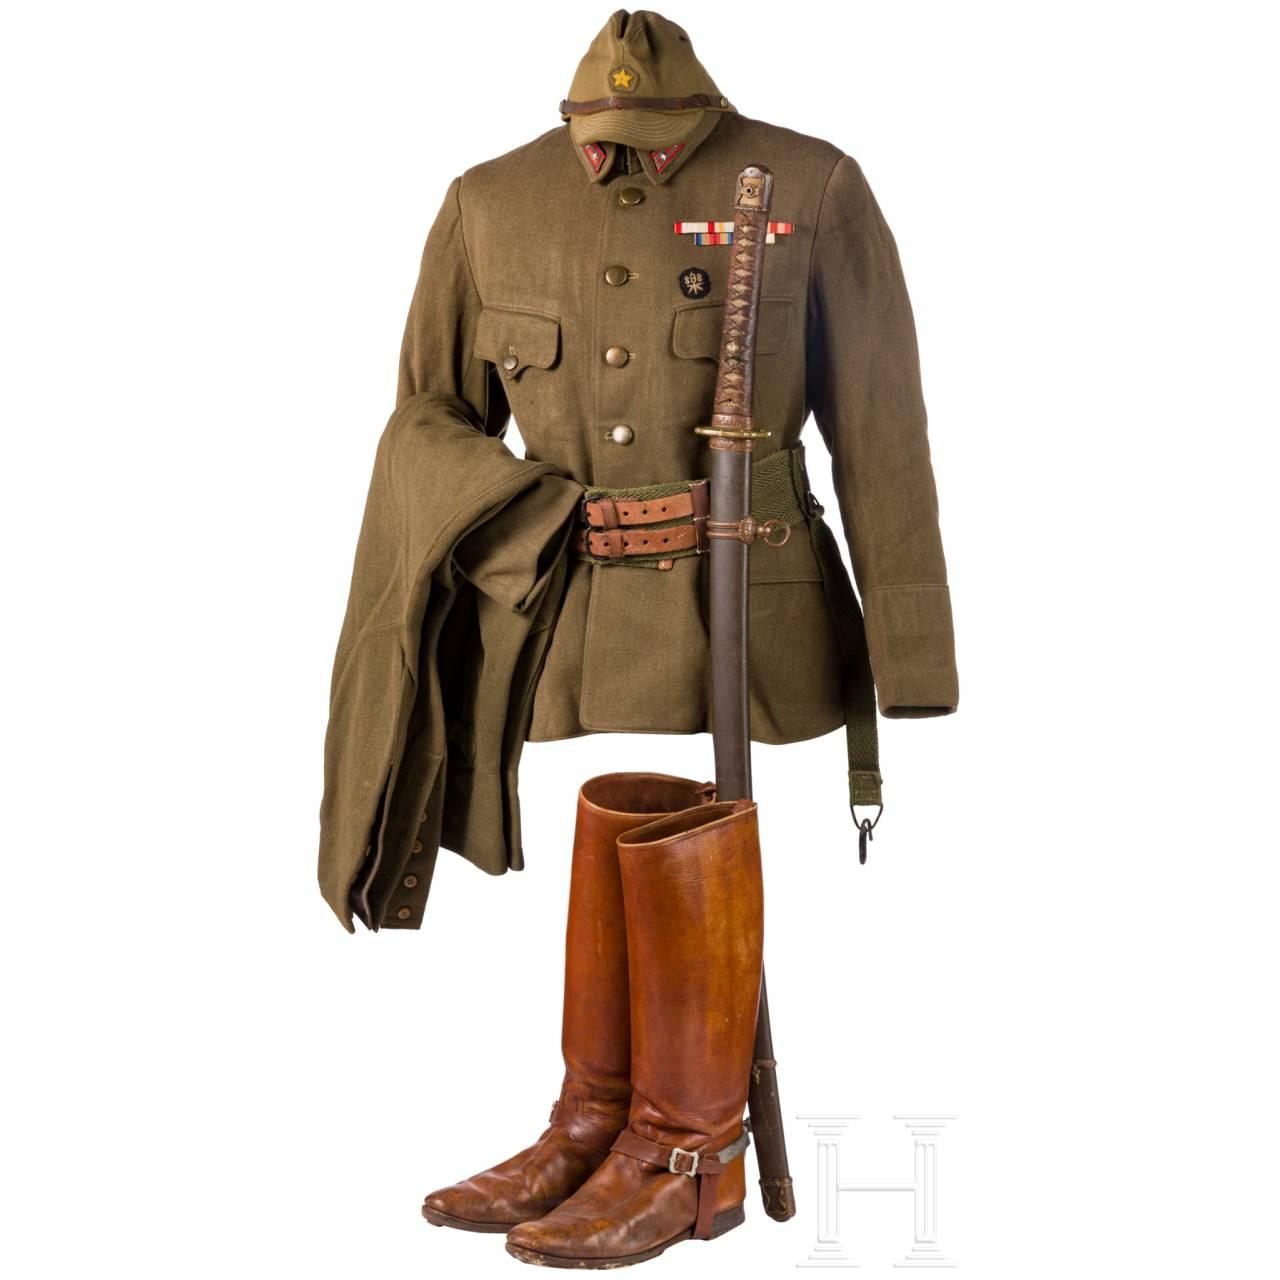 Uniformensemble eines Armee-Offiziers im 2. Weltkrieg